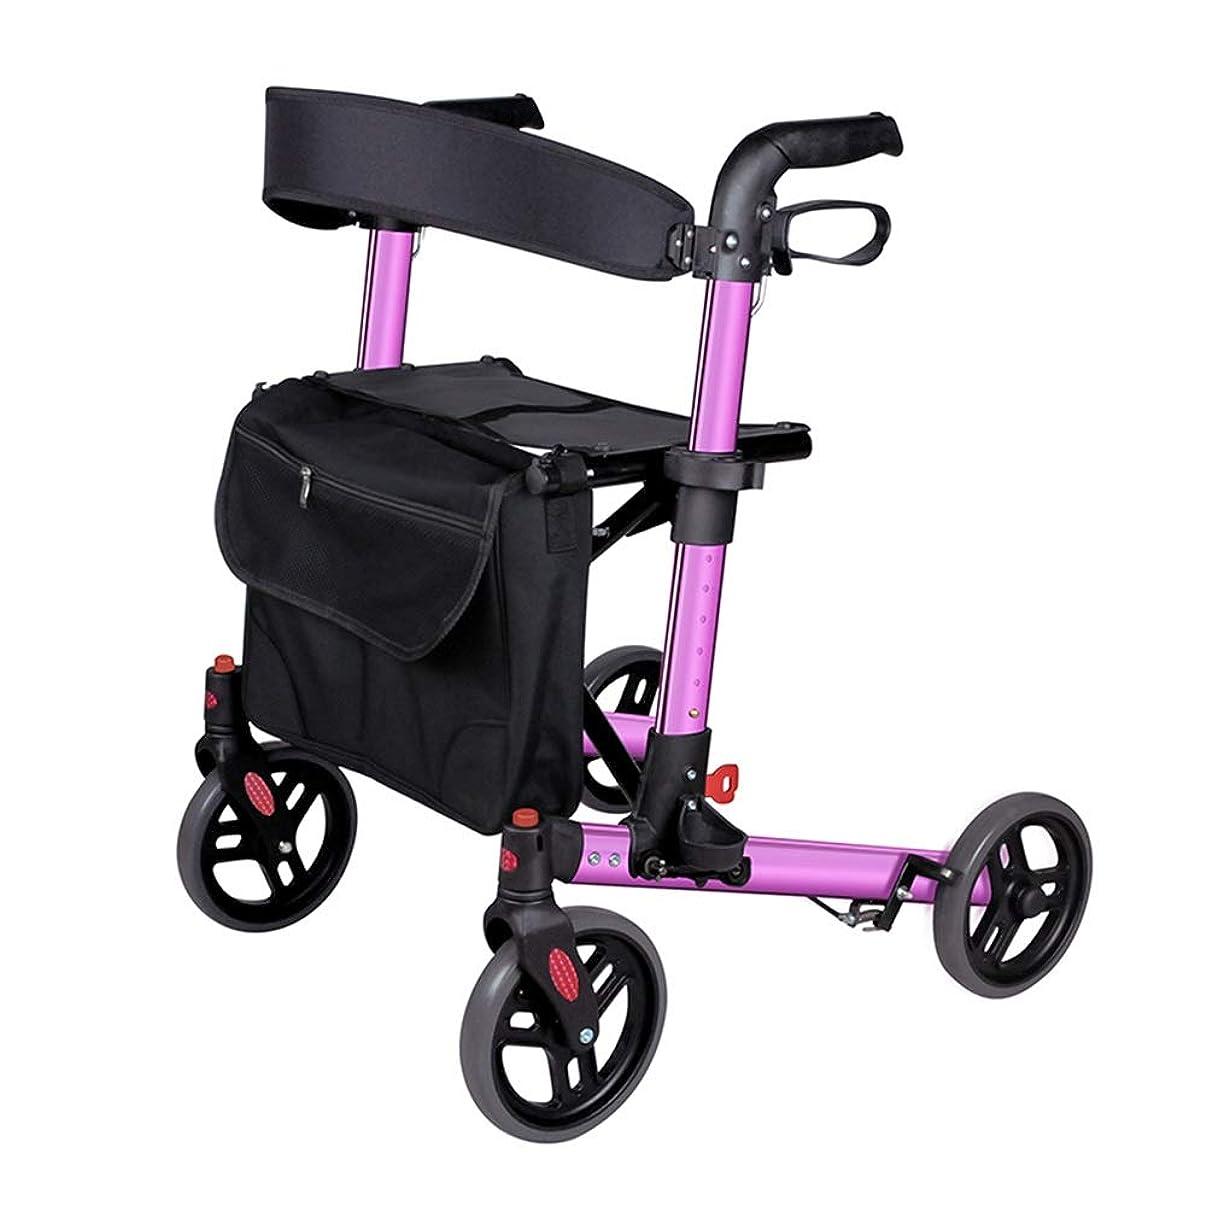 イタリッククラッシュ透過性老人のショッピングカートのプッシュは、歩行歩行器に座ることができます